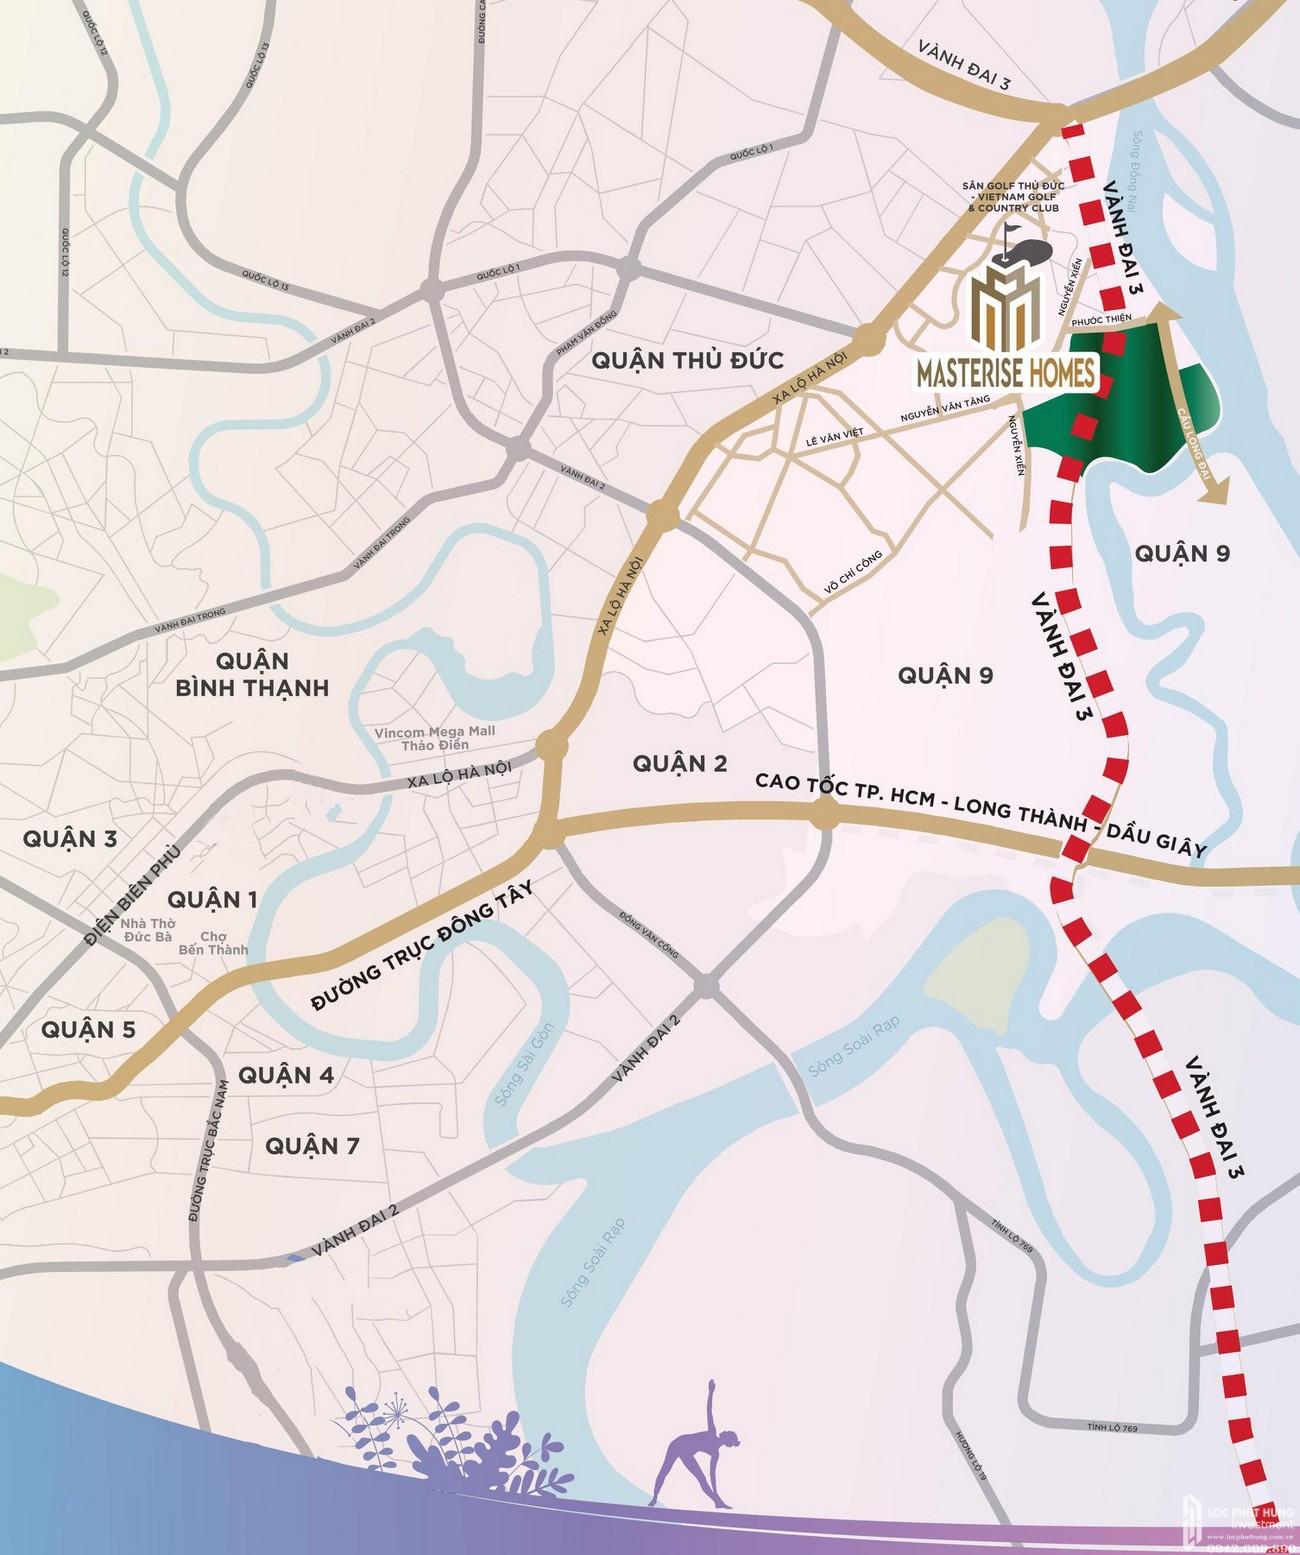 Vị trí địa chỉ dự án căn hộ Masterise Marina Central quận 9